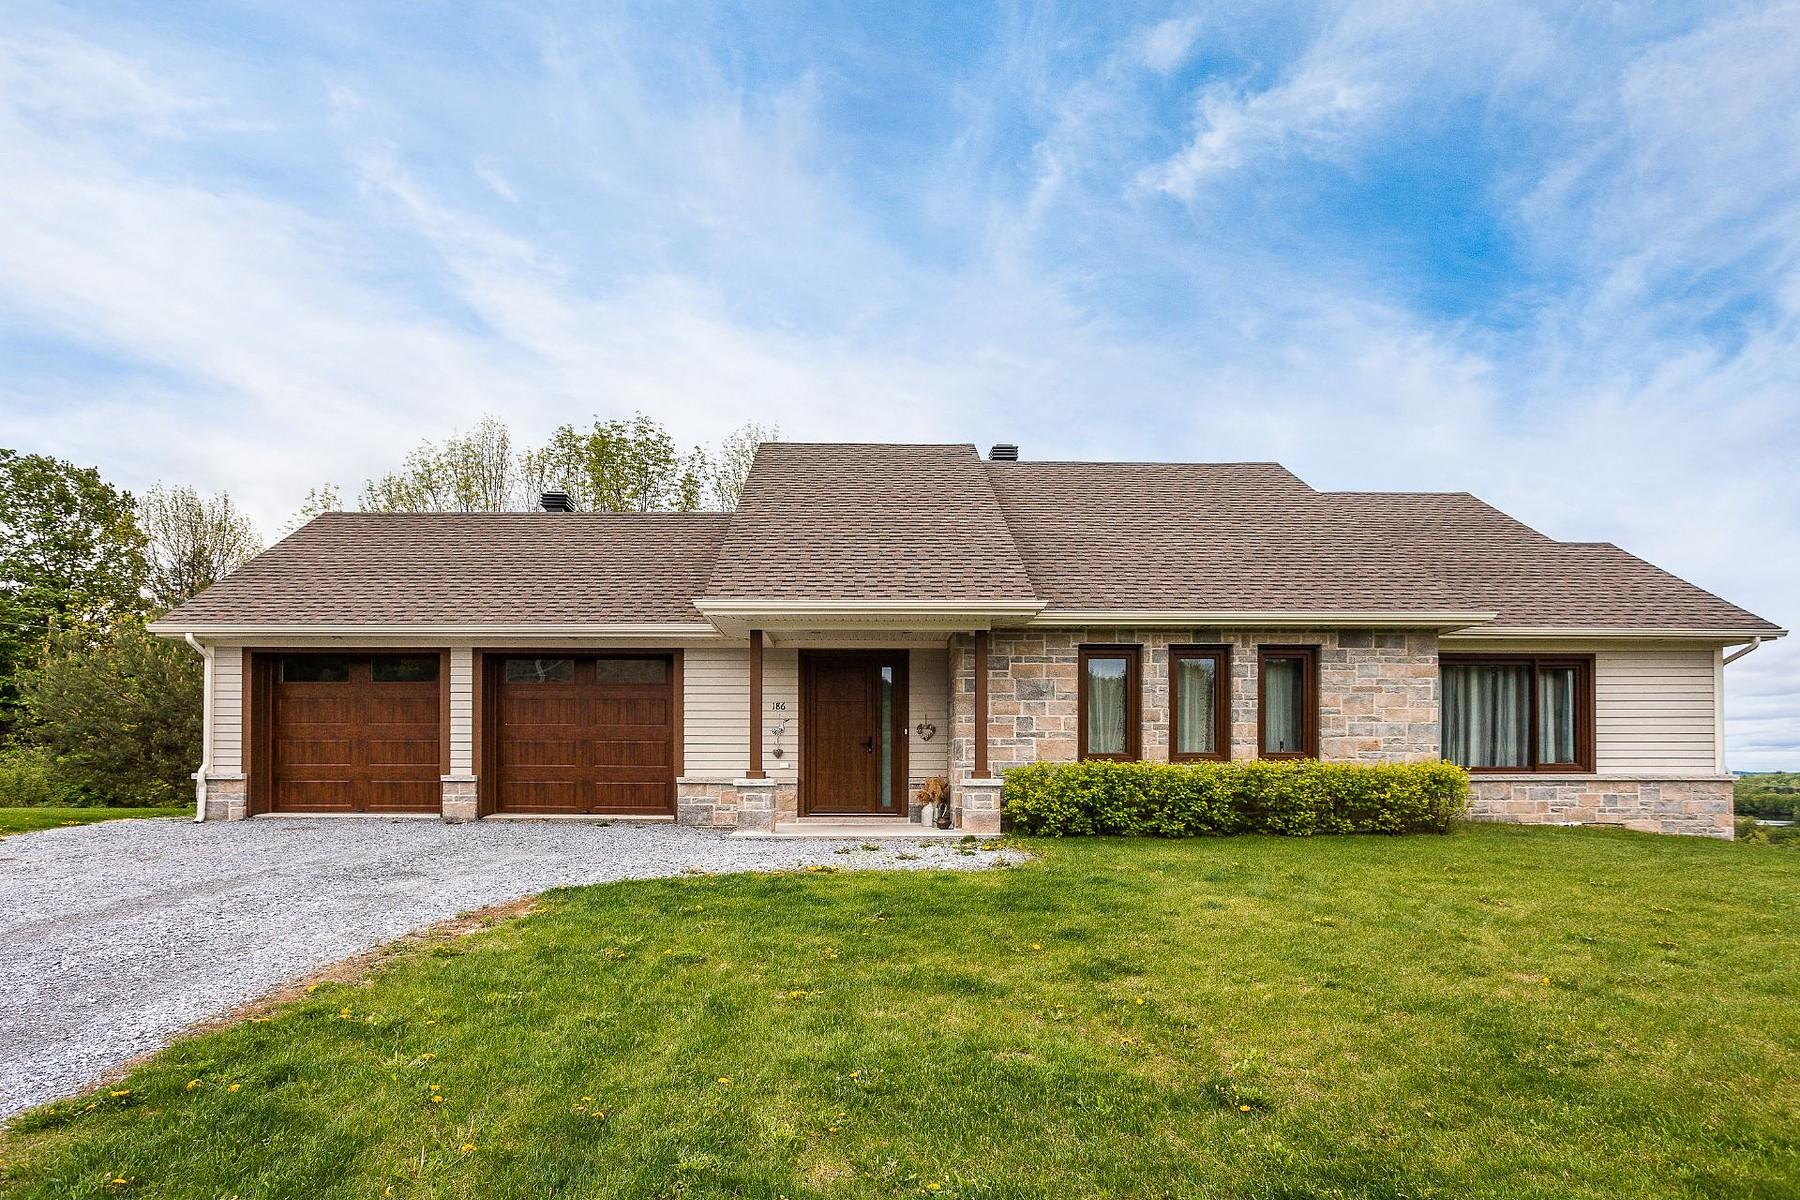 Single Family Homes for Sale at Cowansville, Montérégie 186 Rue de Sweetsburg Cowansville, Quebec J2K3X5 Canada